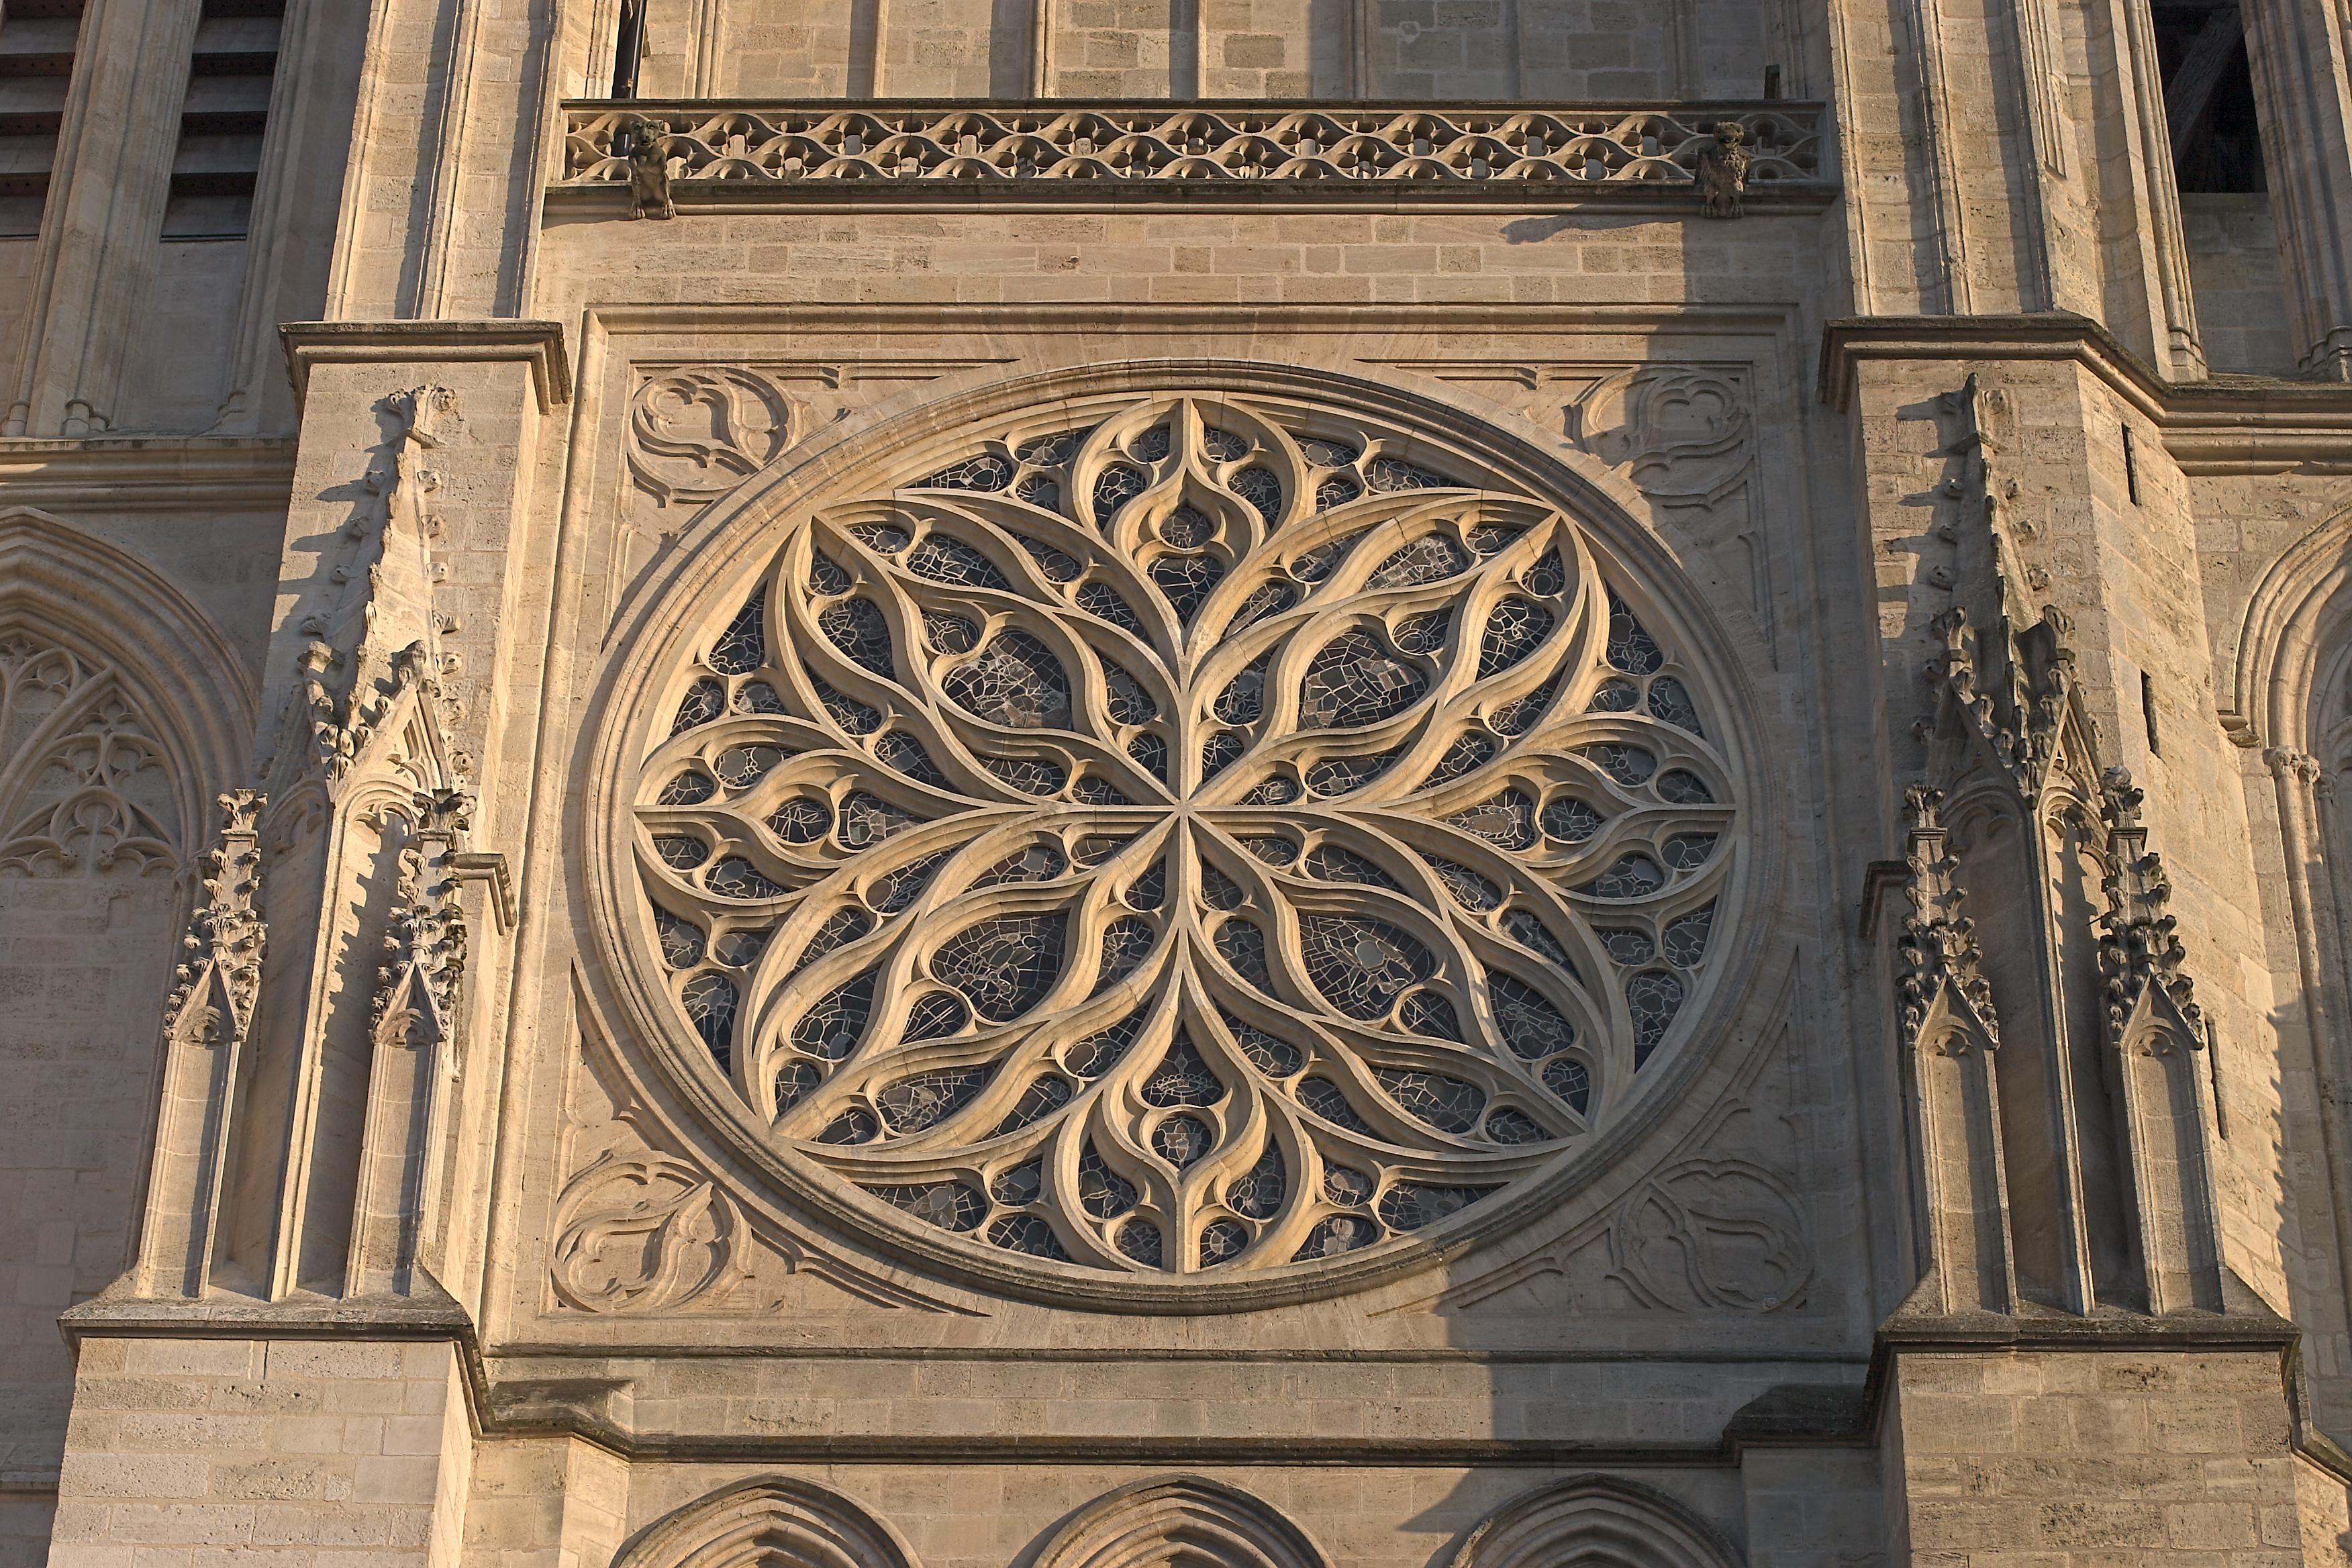 Datei:bordeaux Cathedrale St Andre Rosace – Wikipedia concernant Image De Rosace